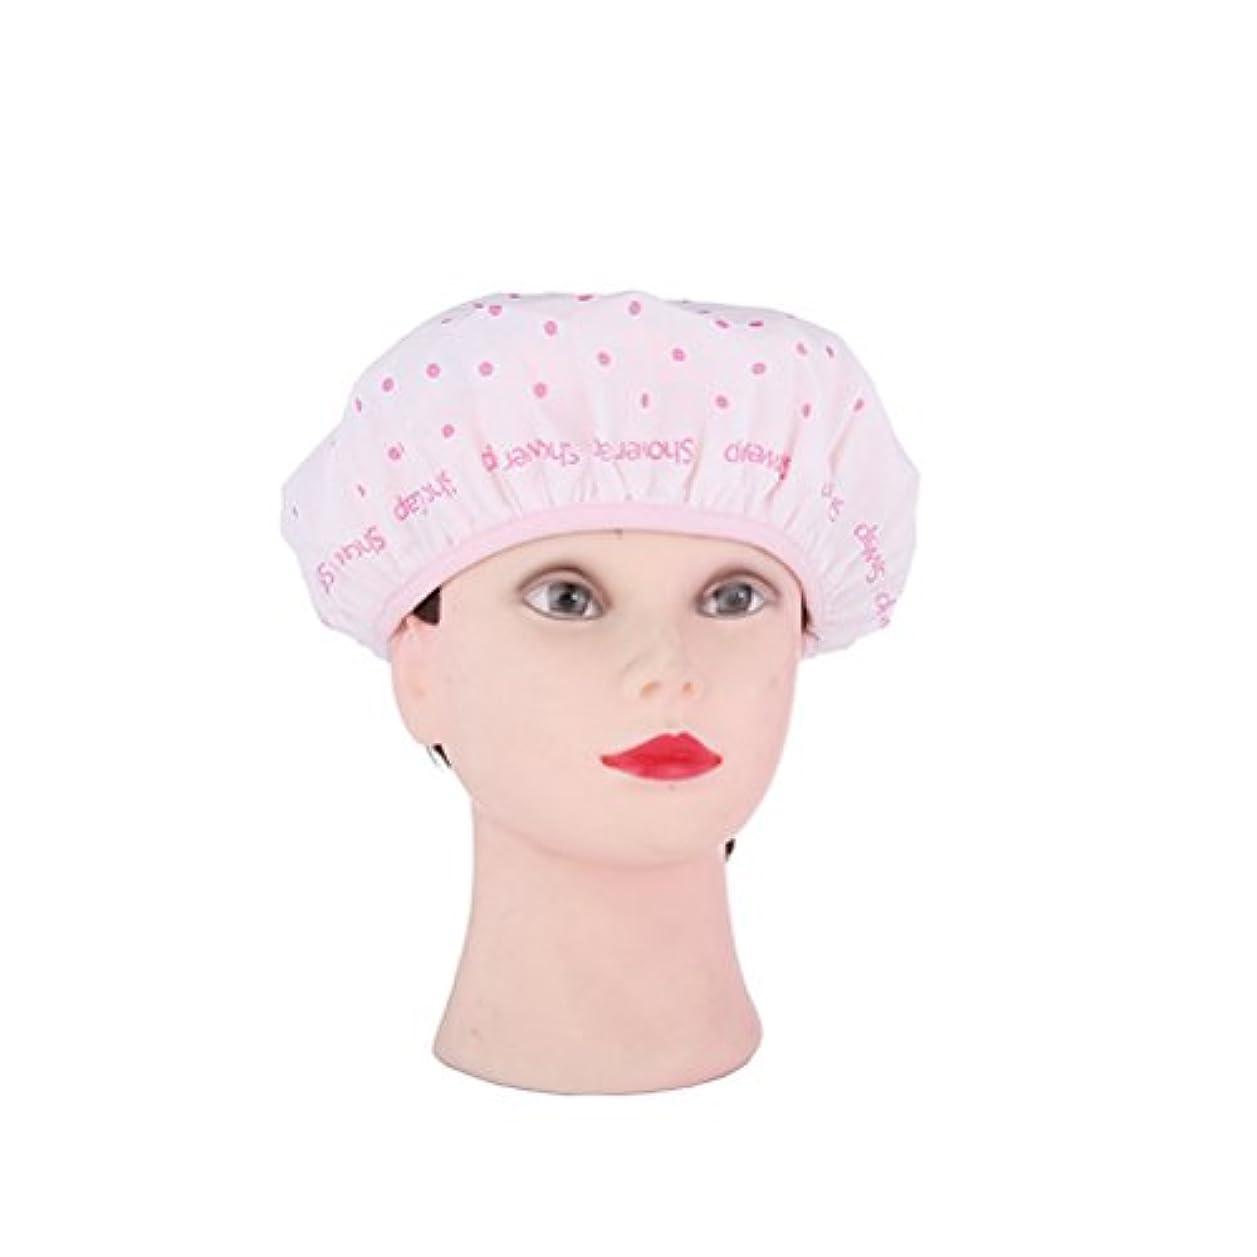 ドライバ威信アカデミーHEALLILY シャワーの帽子女性の子供のための防水シャワーの帽子のBathのシャワーの毛の帽子